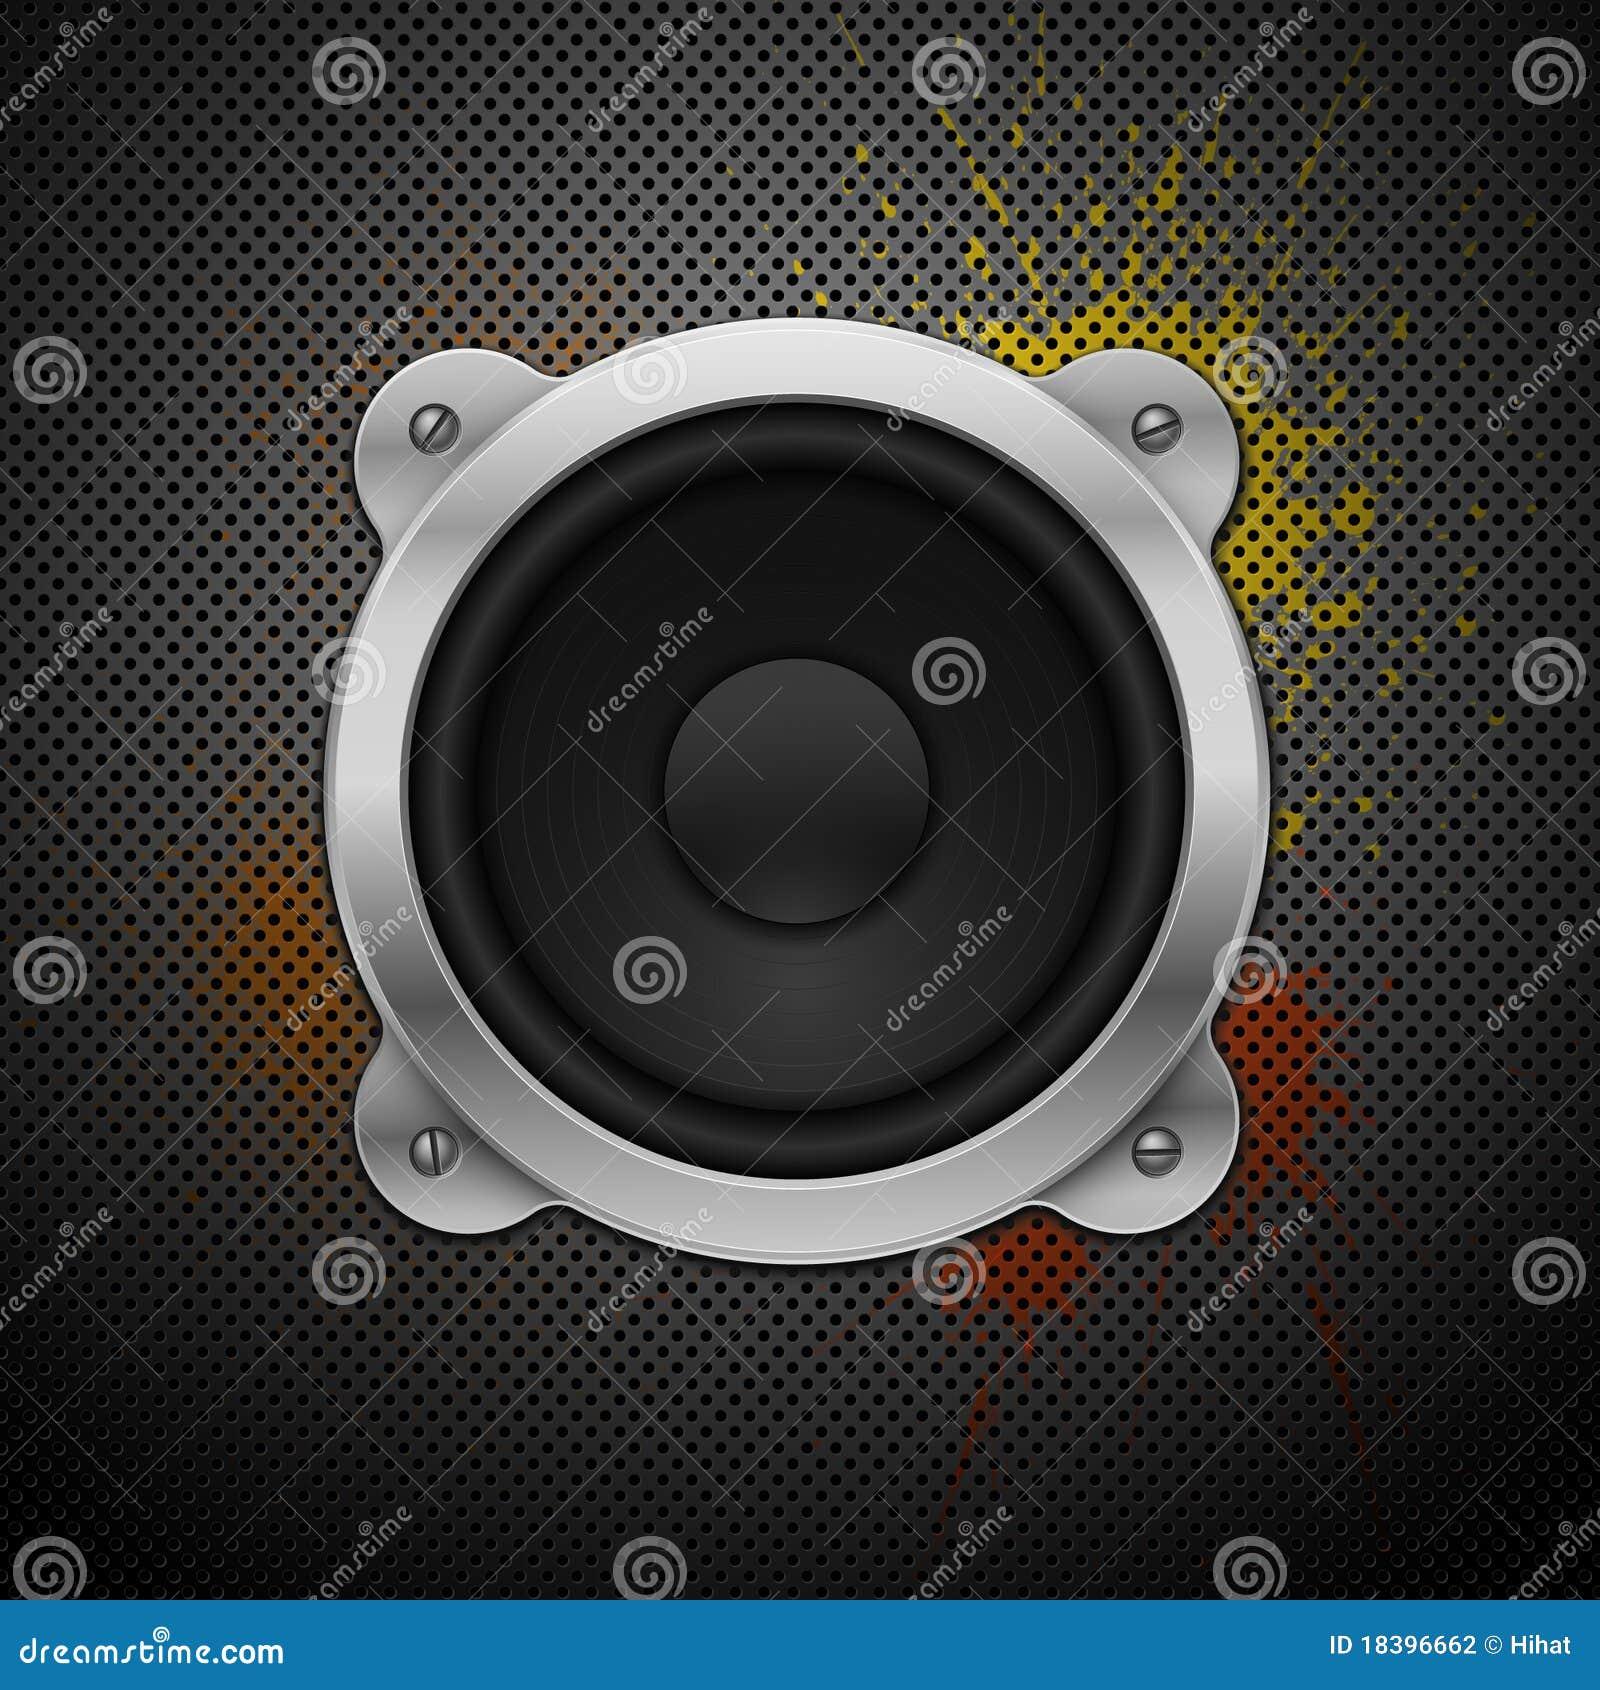 Loadspeaker